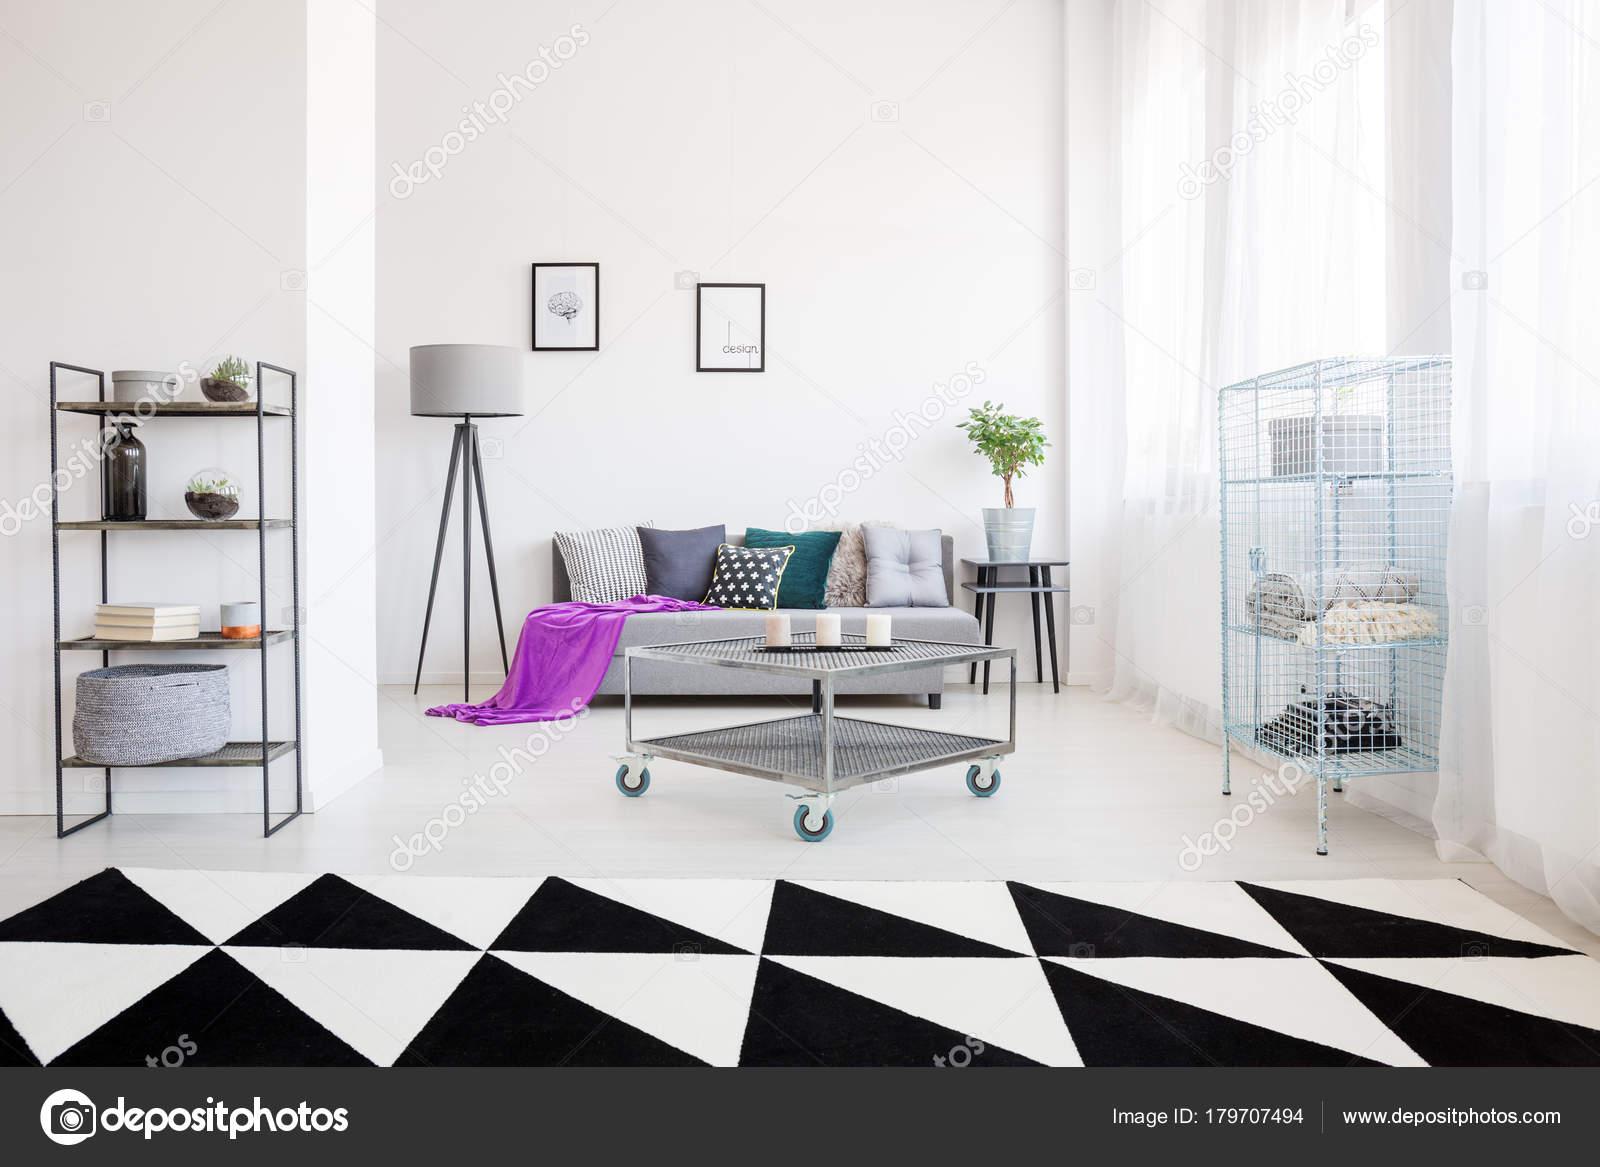 Schwarz Weiß Industrielle Wohnung Stockfoto Photographeeeu